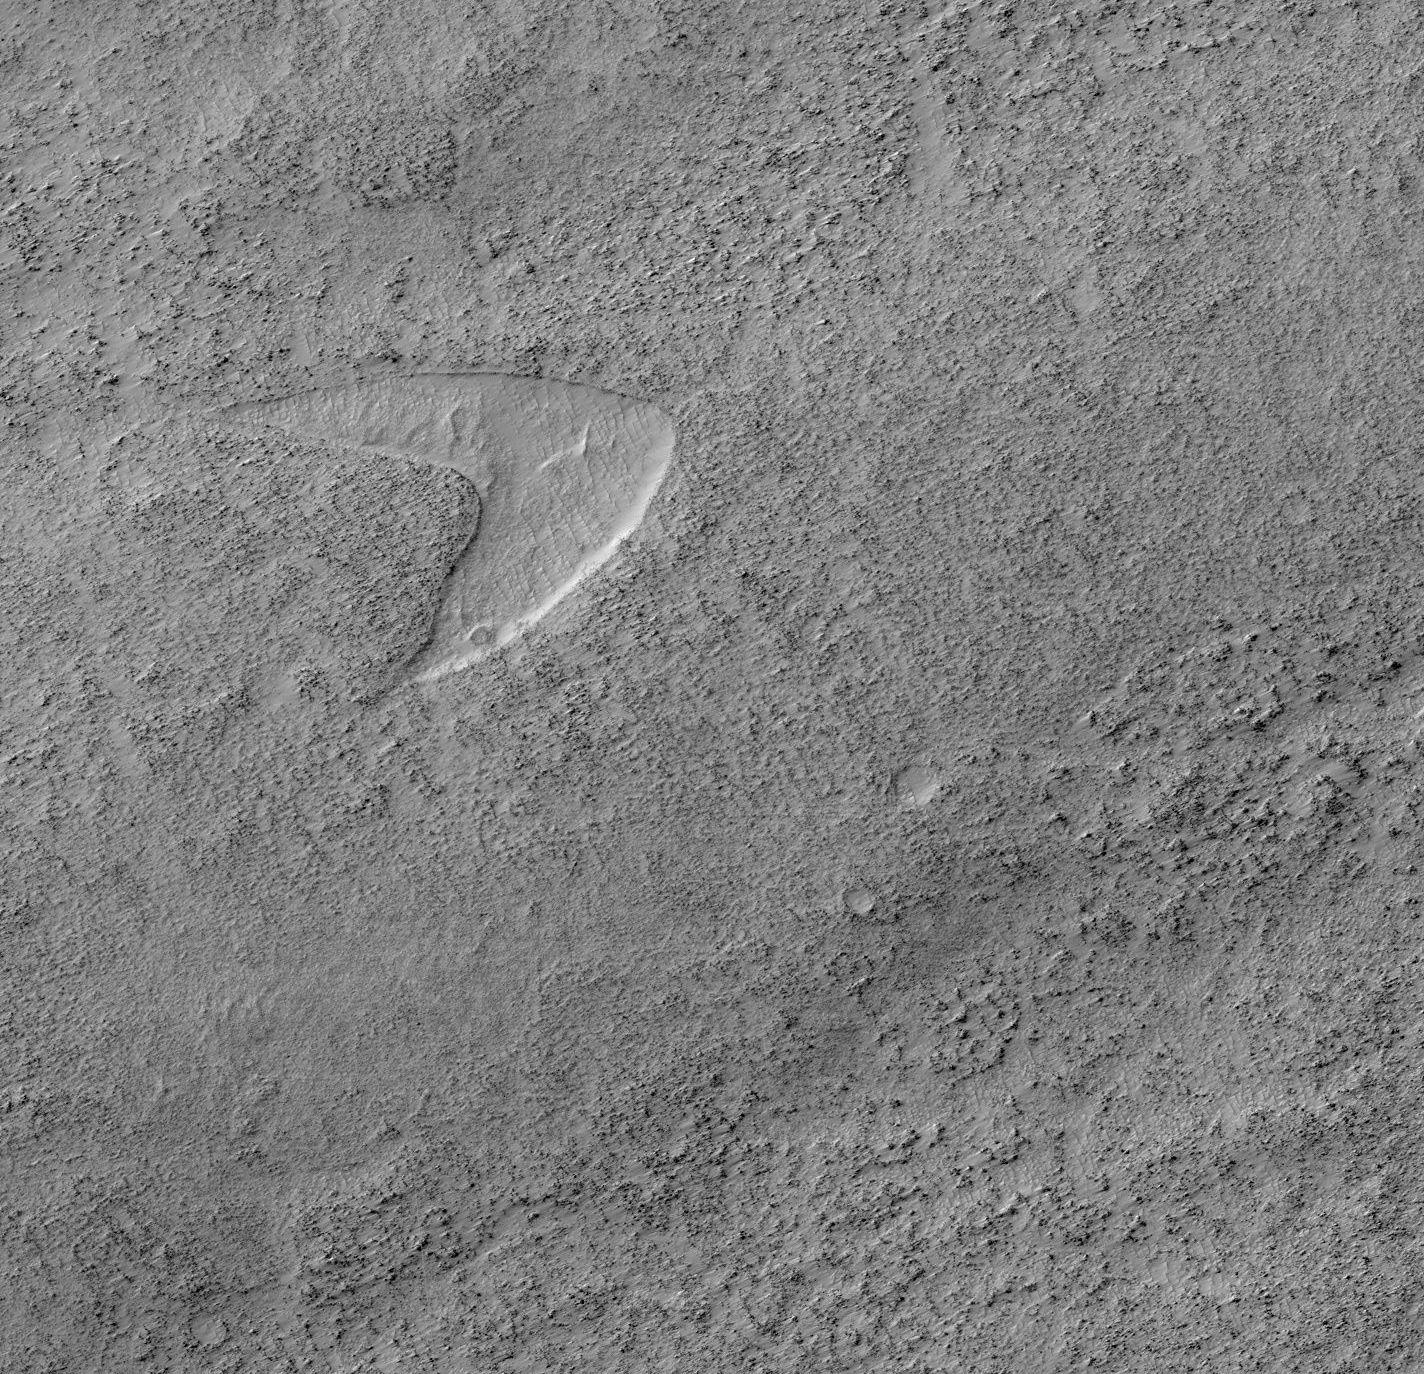 Símbolo de Jornada nas Estrelas é encontrado em Marte